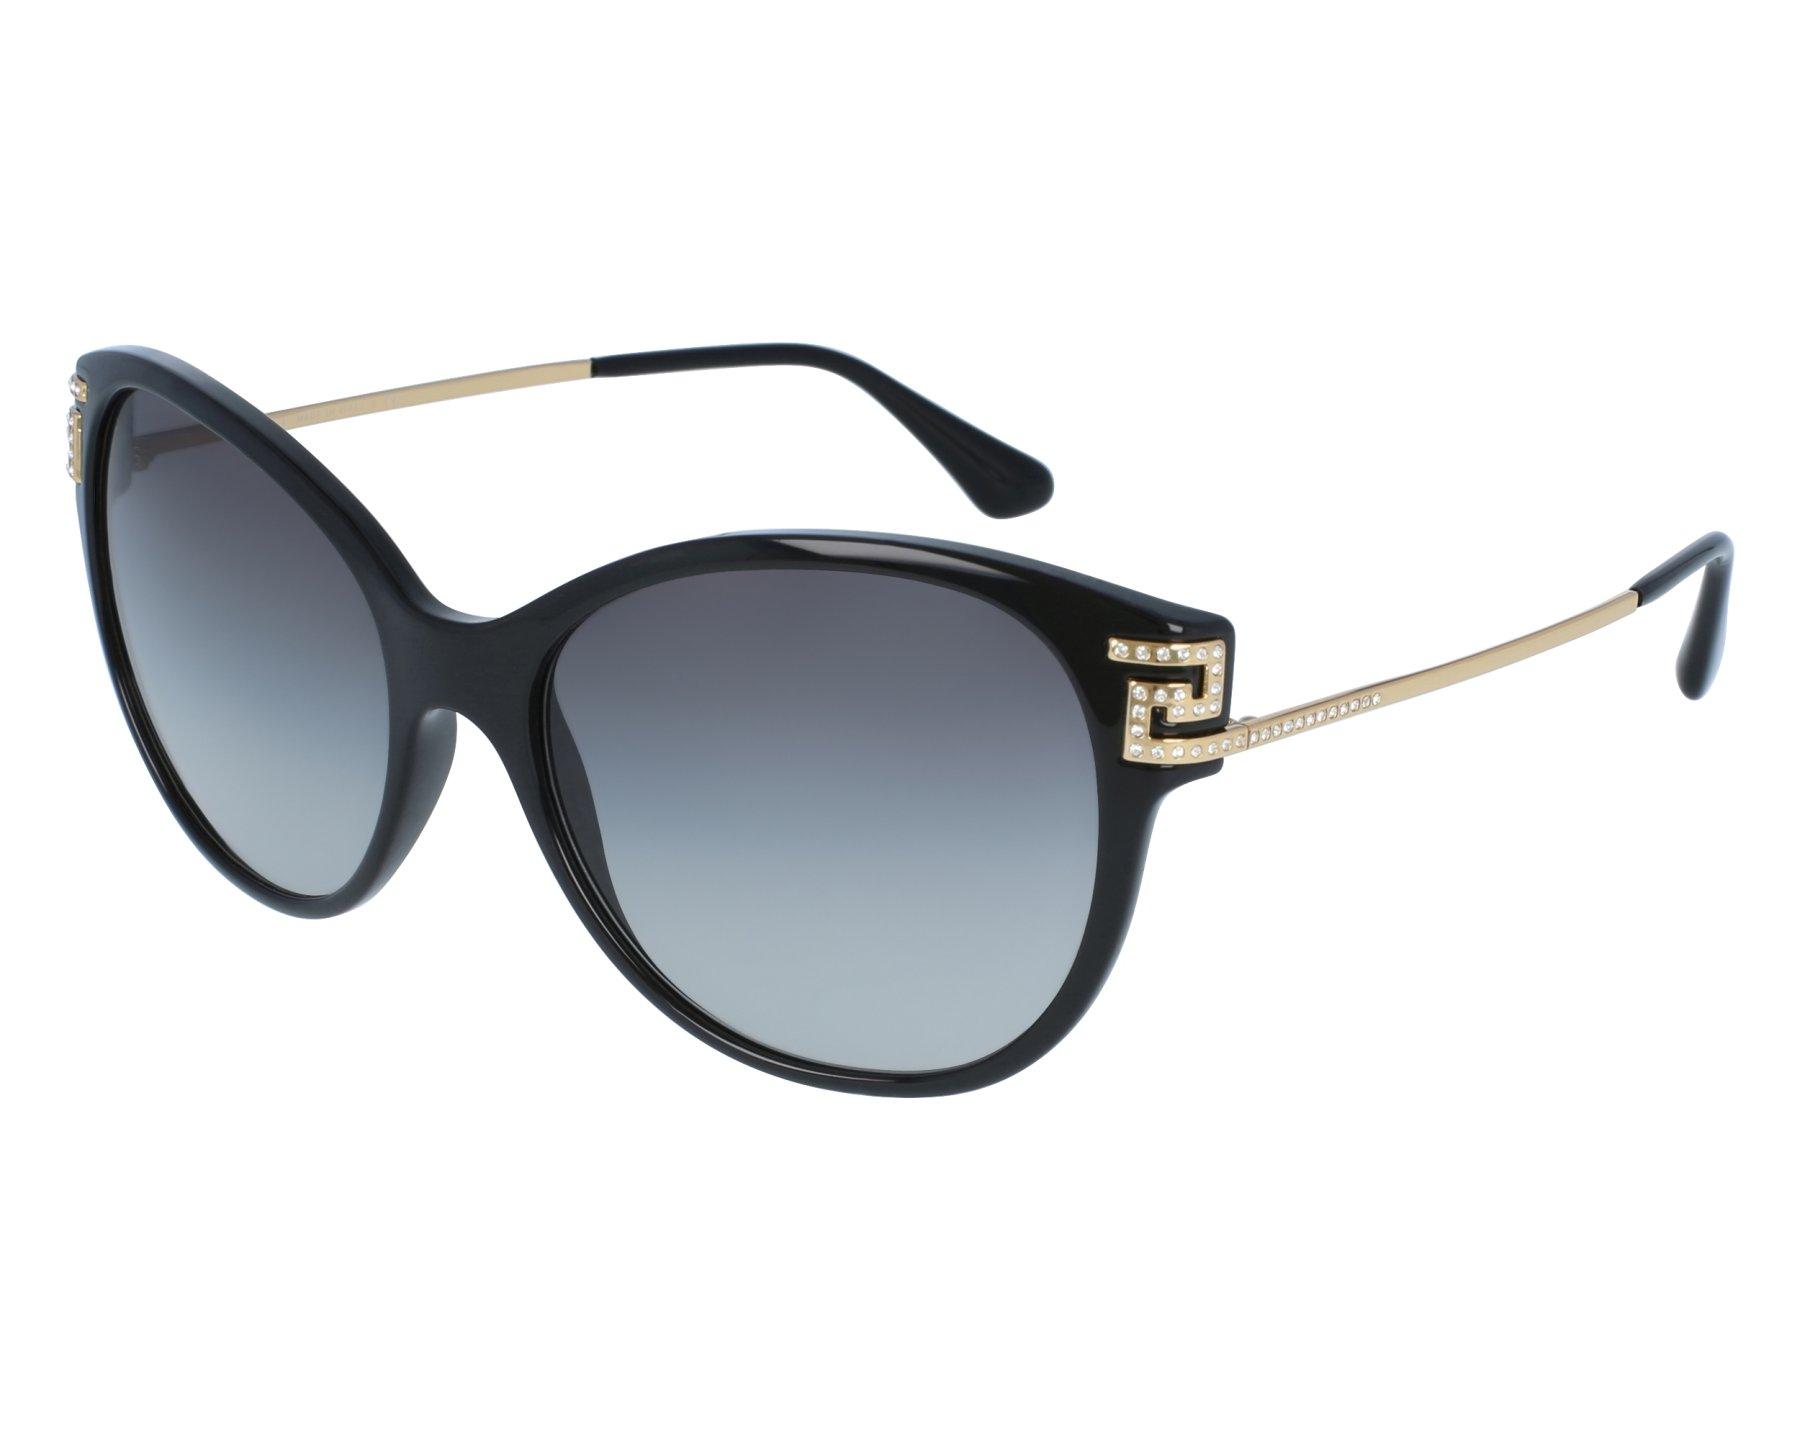 lunettes de soleil versace ve 4316 b gb1 11 noir avec des verres gris pour femmes. Black Bedroom Furniture Sets. Home Design Ideas